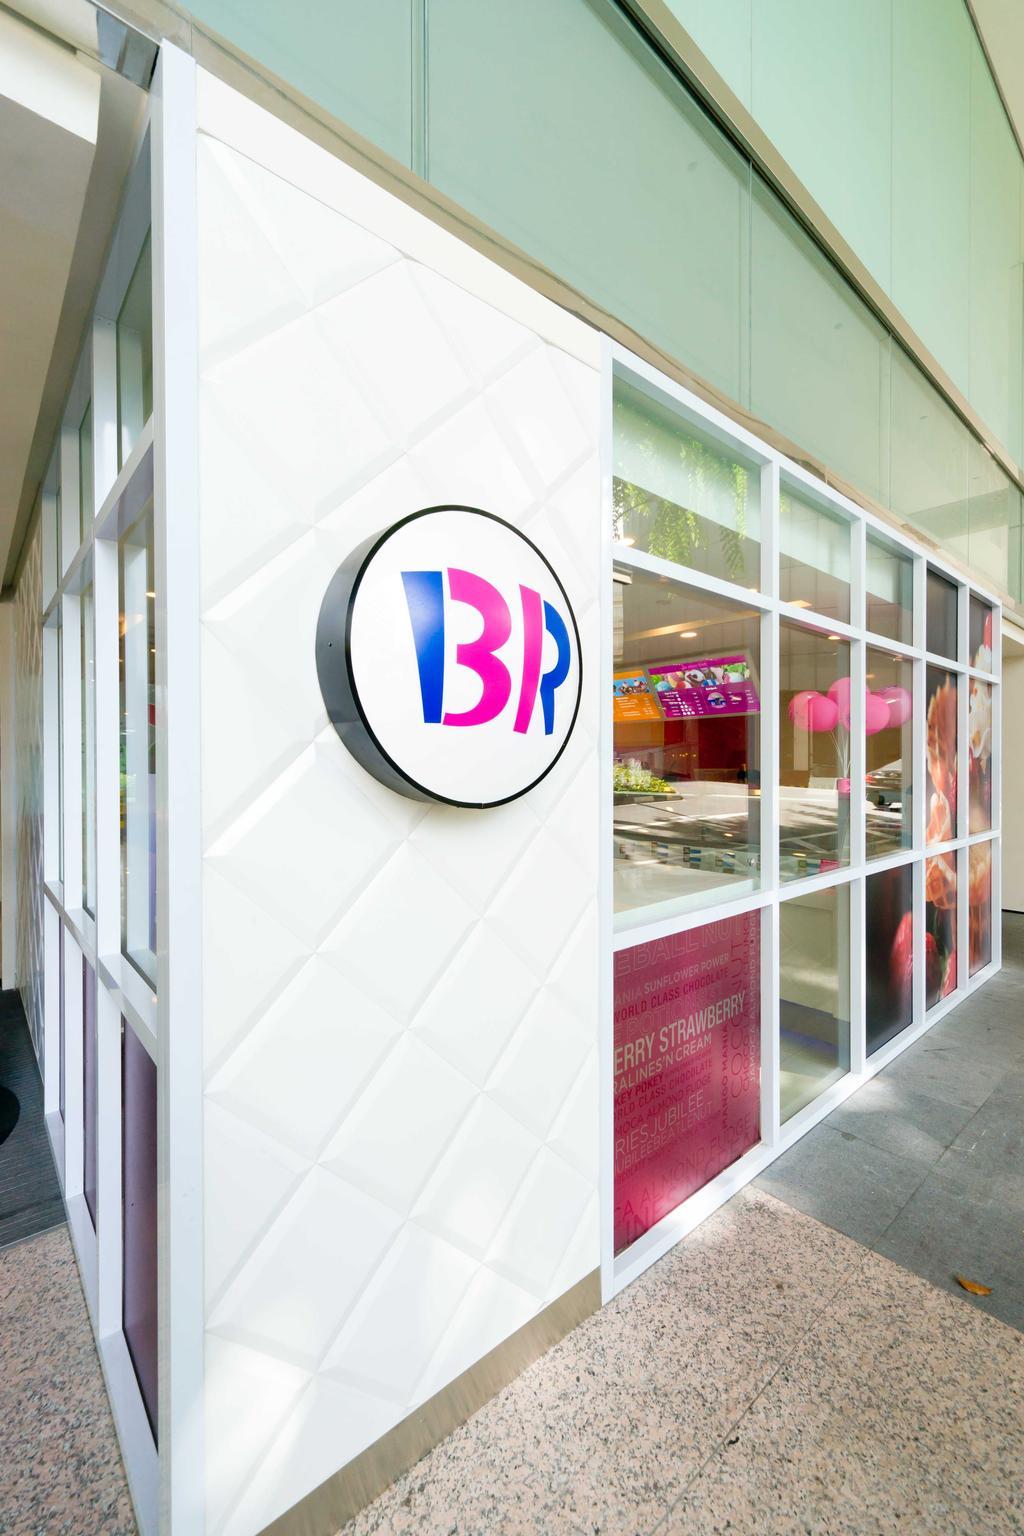 Baskin Robbins (Plaza Singapura), Commercial, Interior Designer, Unity ID, Eclectic, Shop Exterior, Shop Front, Shop Entrance, Entrance, Exit, White, Tile, Tiles